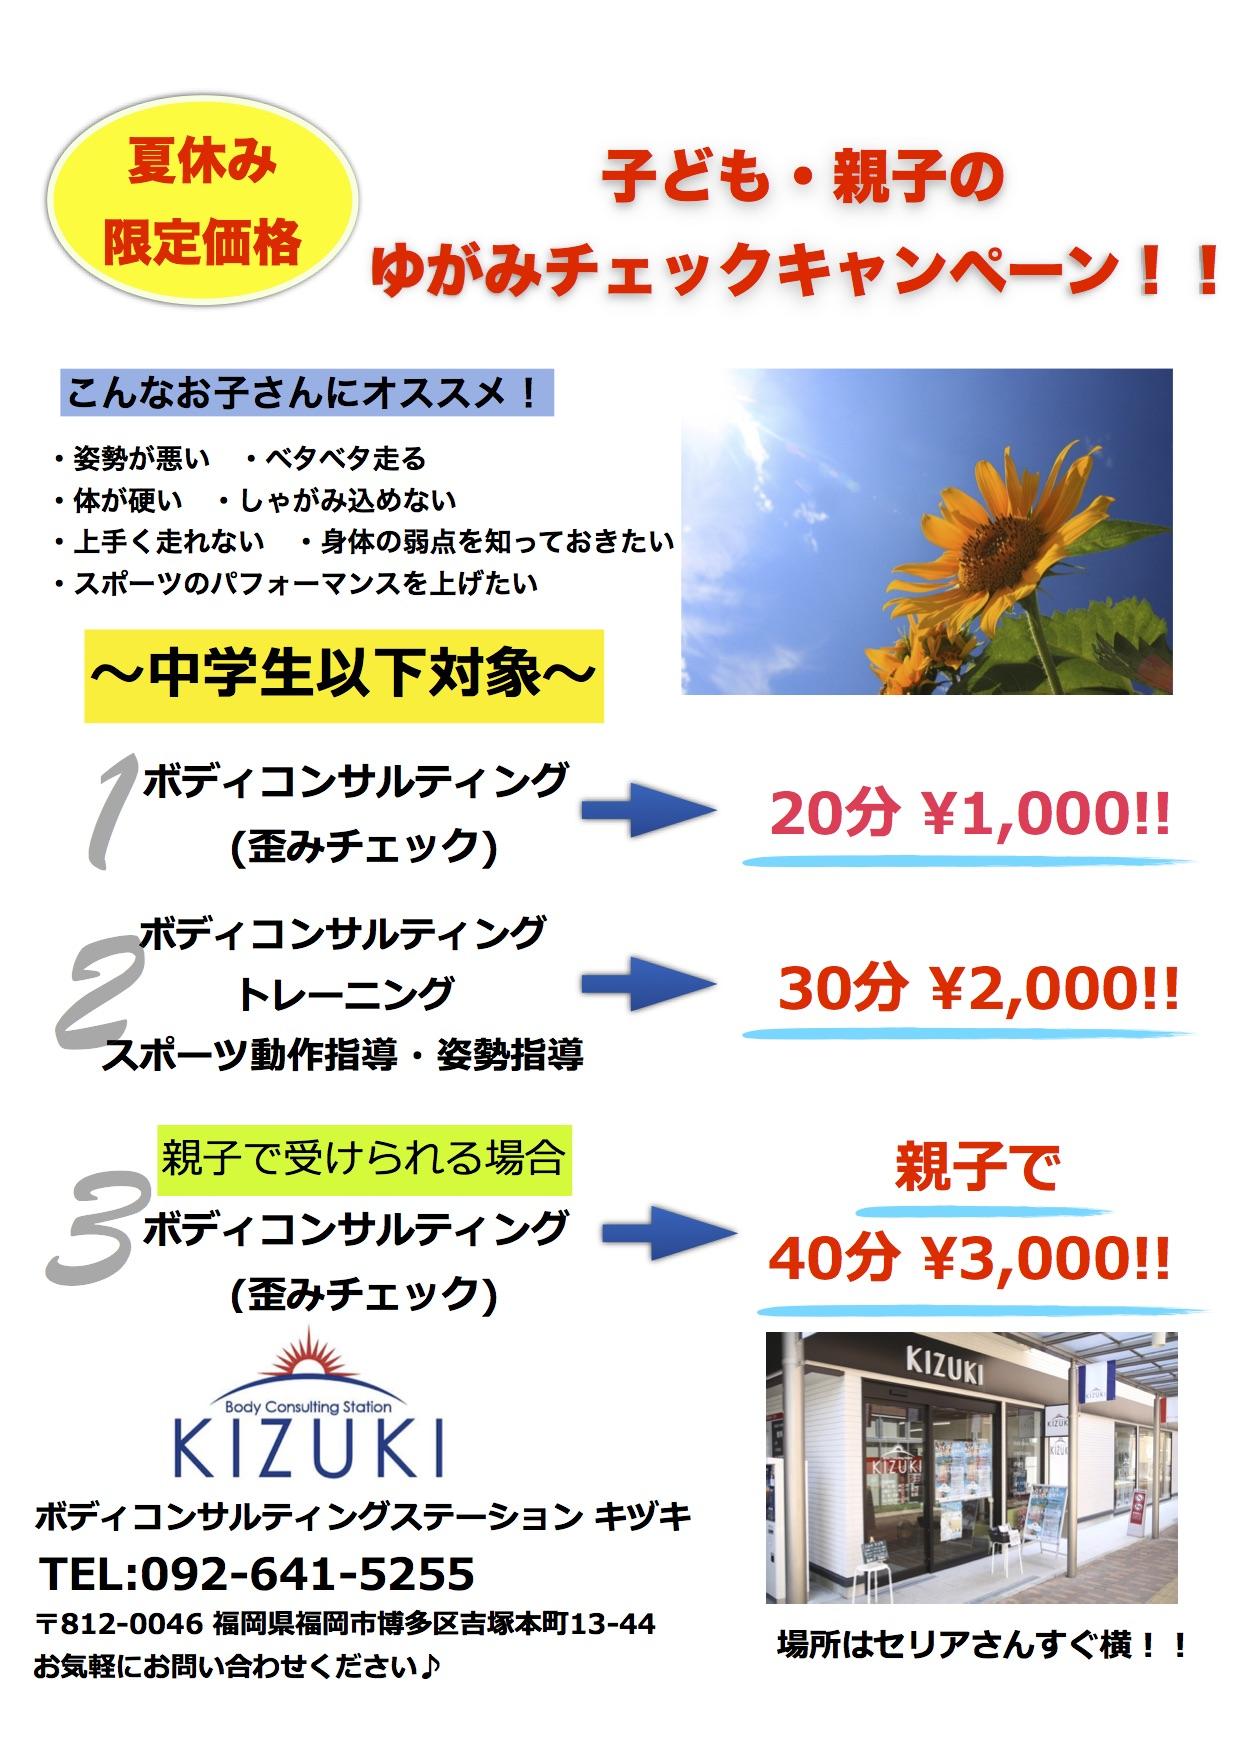 KIZUKI menu